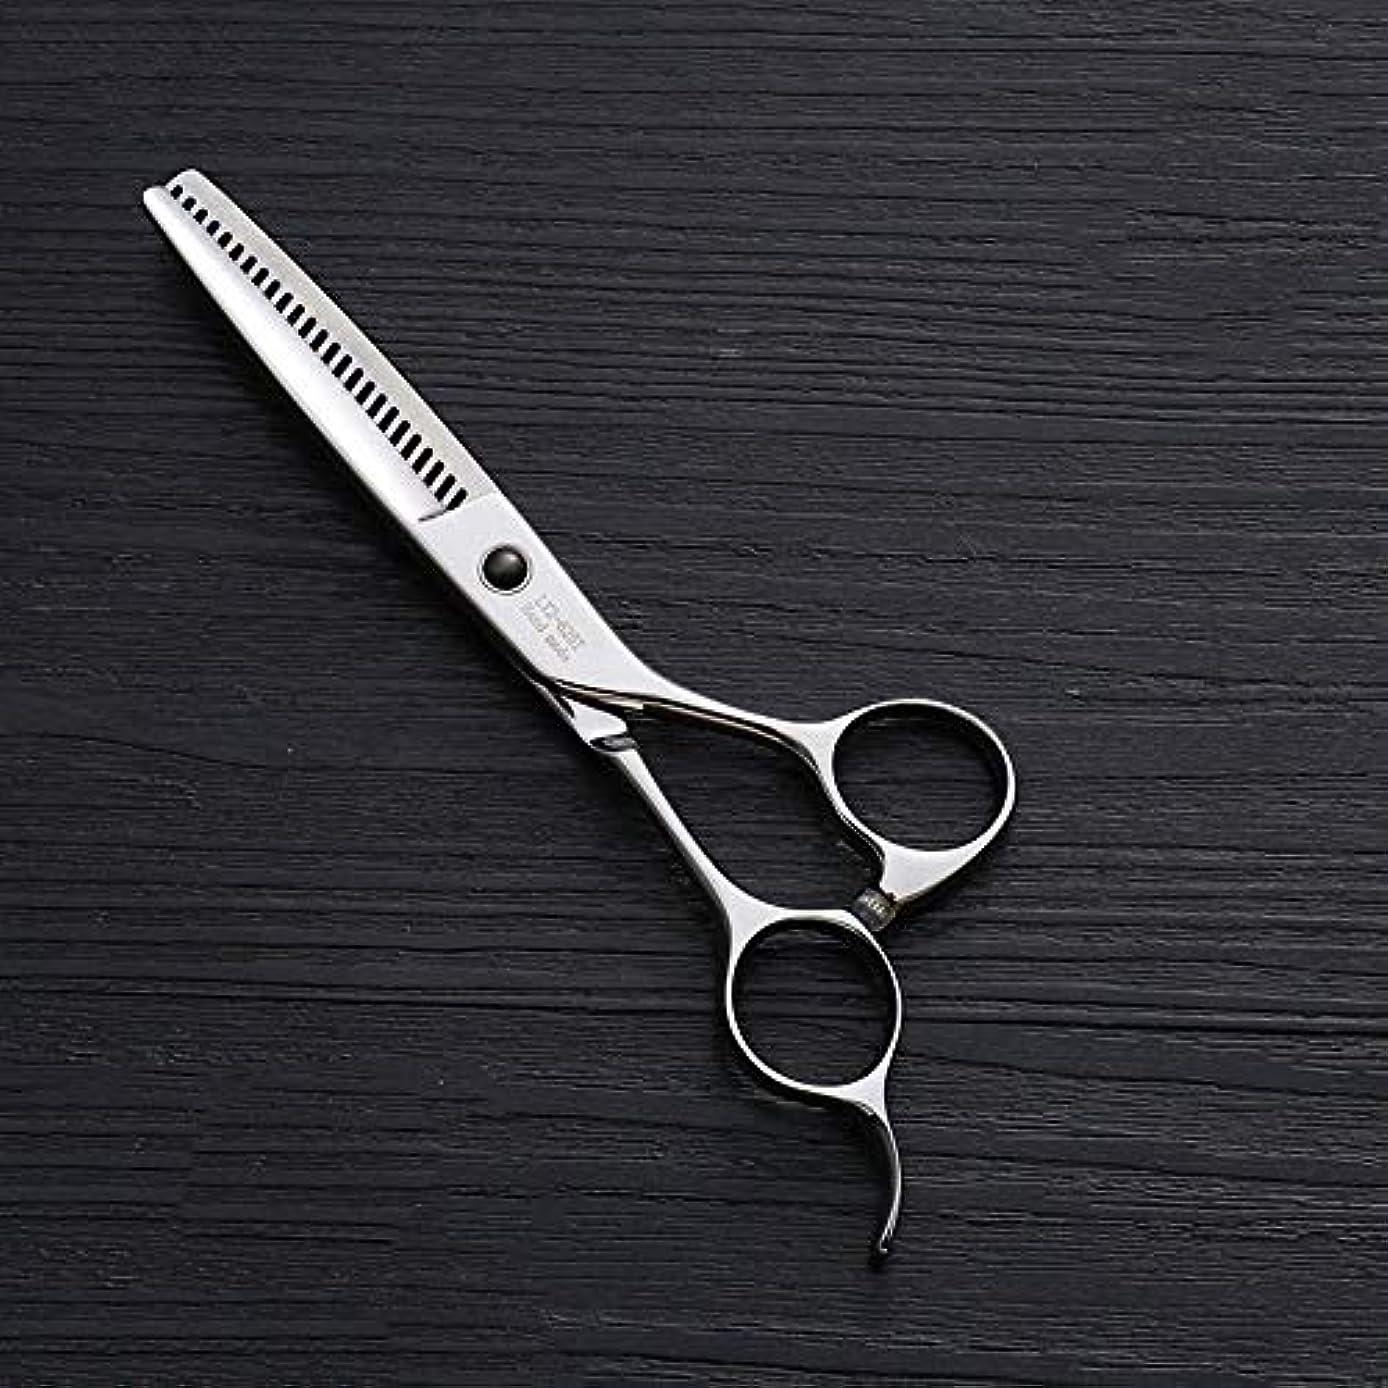 拘束する縫い目頑張るHOTARUYiZi 散髪ハサミ カットバサミ セニング 散髪はさみ すきバサミ プロ ヘアカット カットシザー 品質保証 耐久性 美容院 専門カット 6インチ 髪カット (色 : Silver)